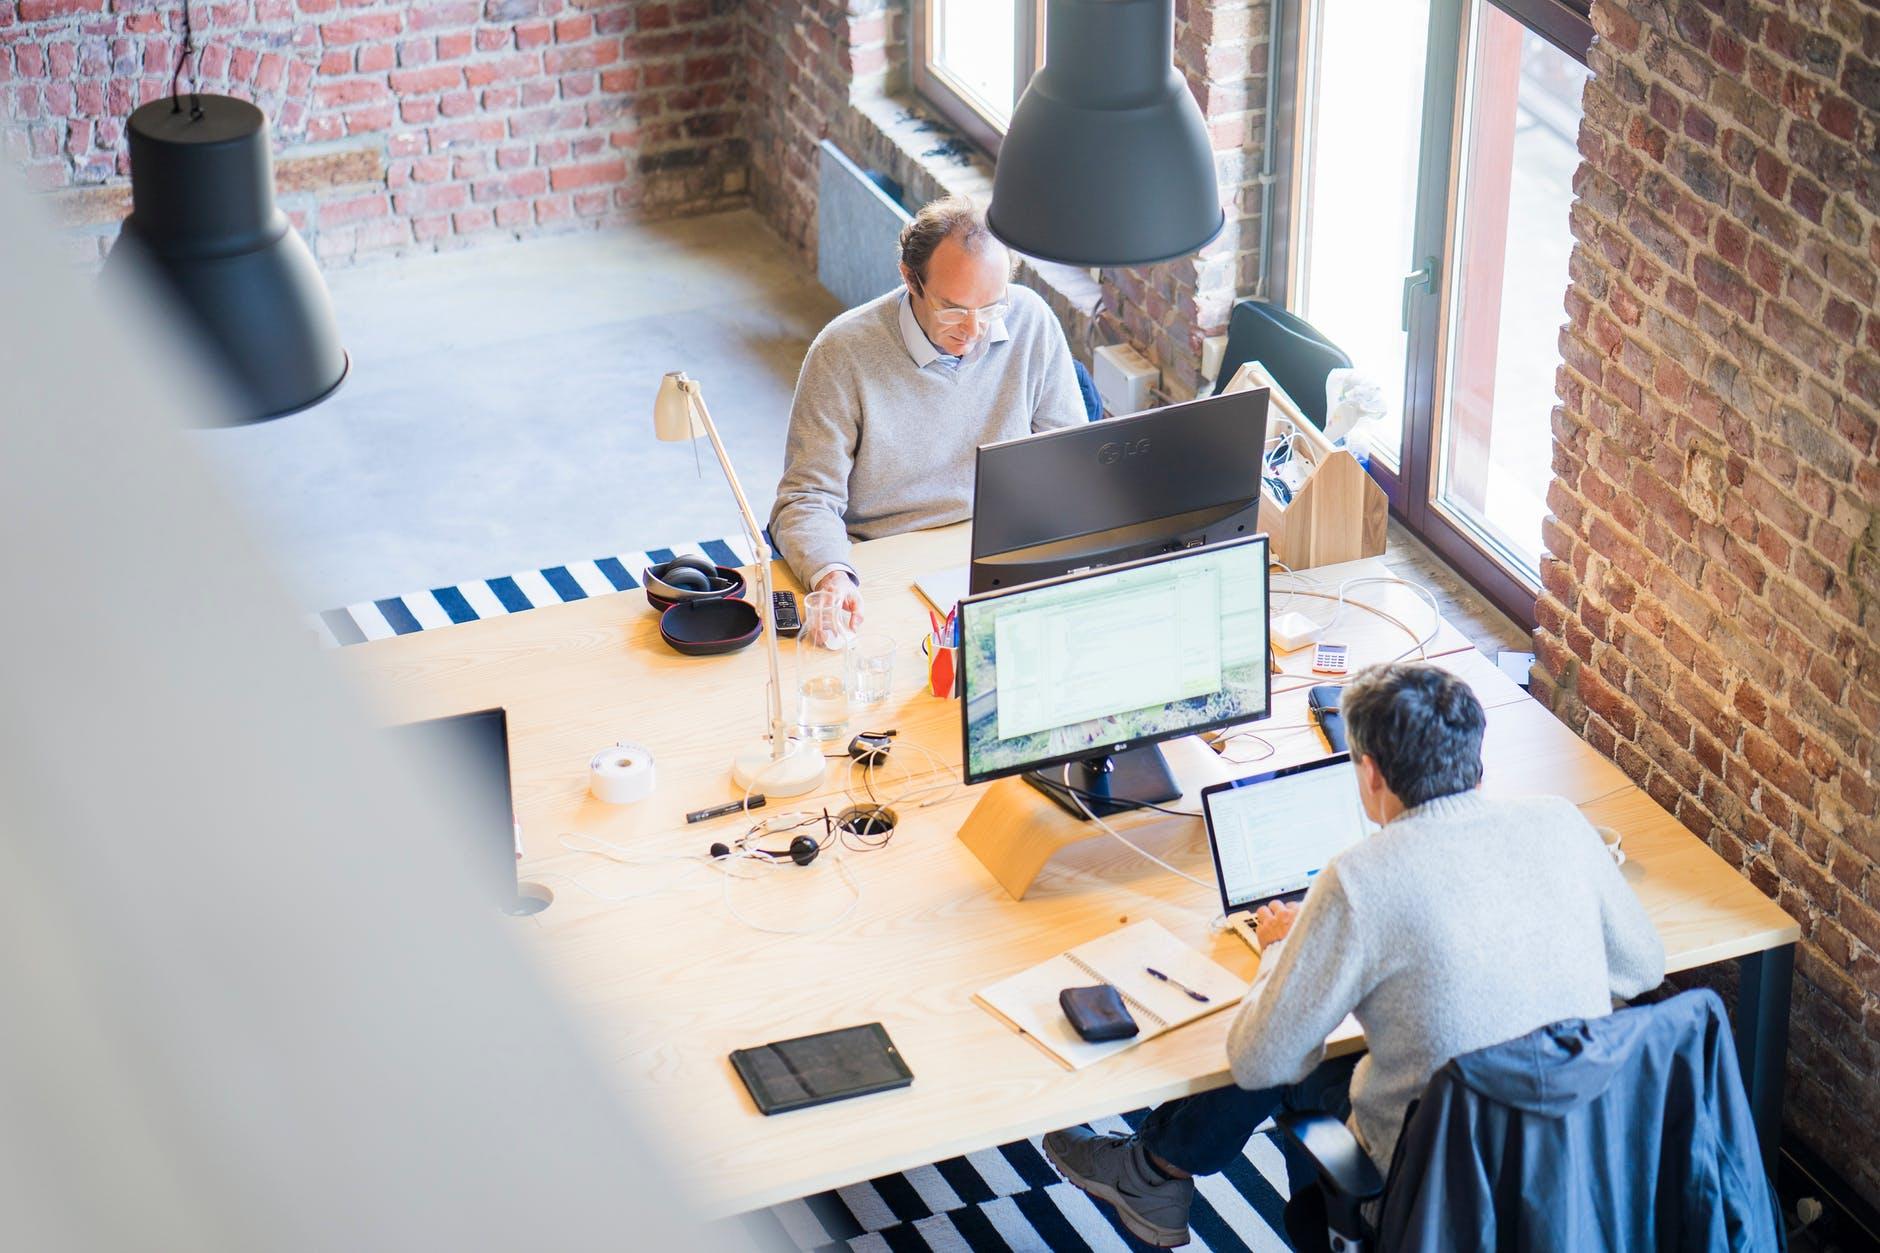 电子招投标系统解决方案丨规范政采流程,提高工作效率